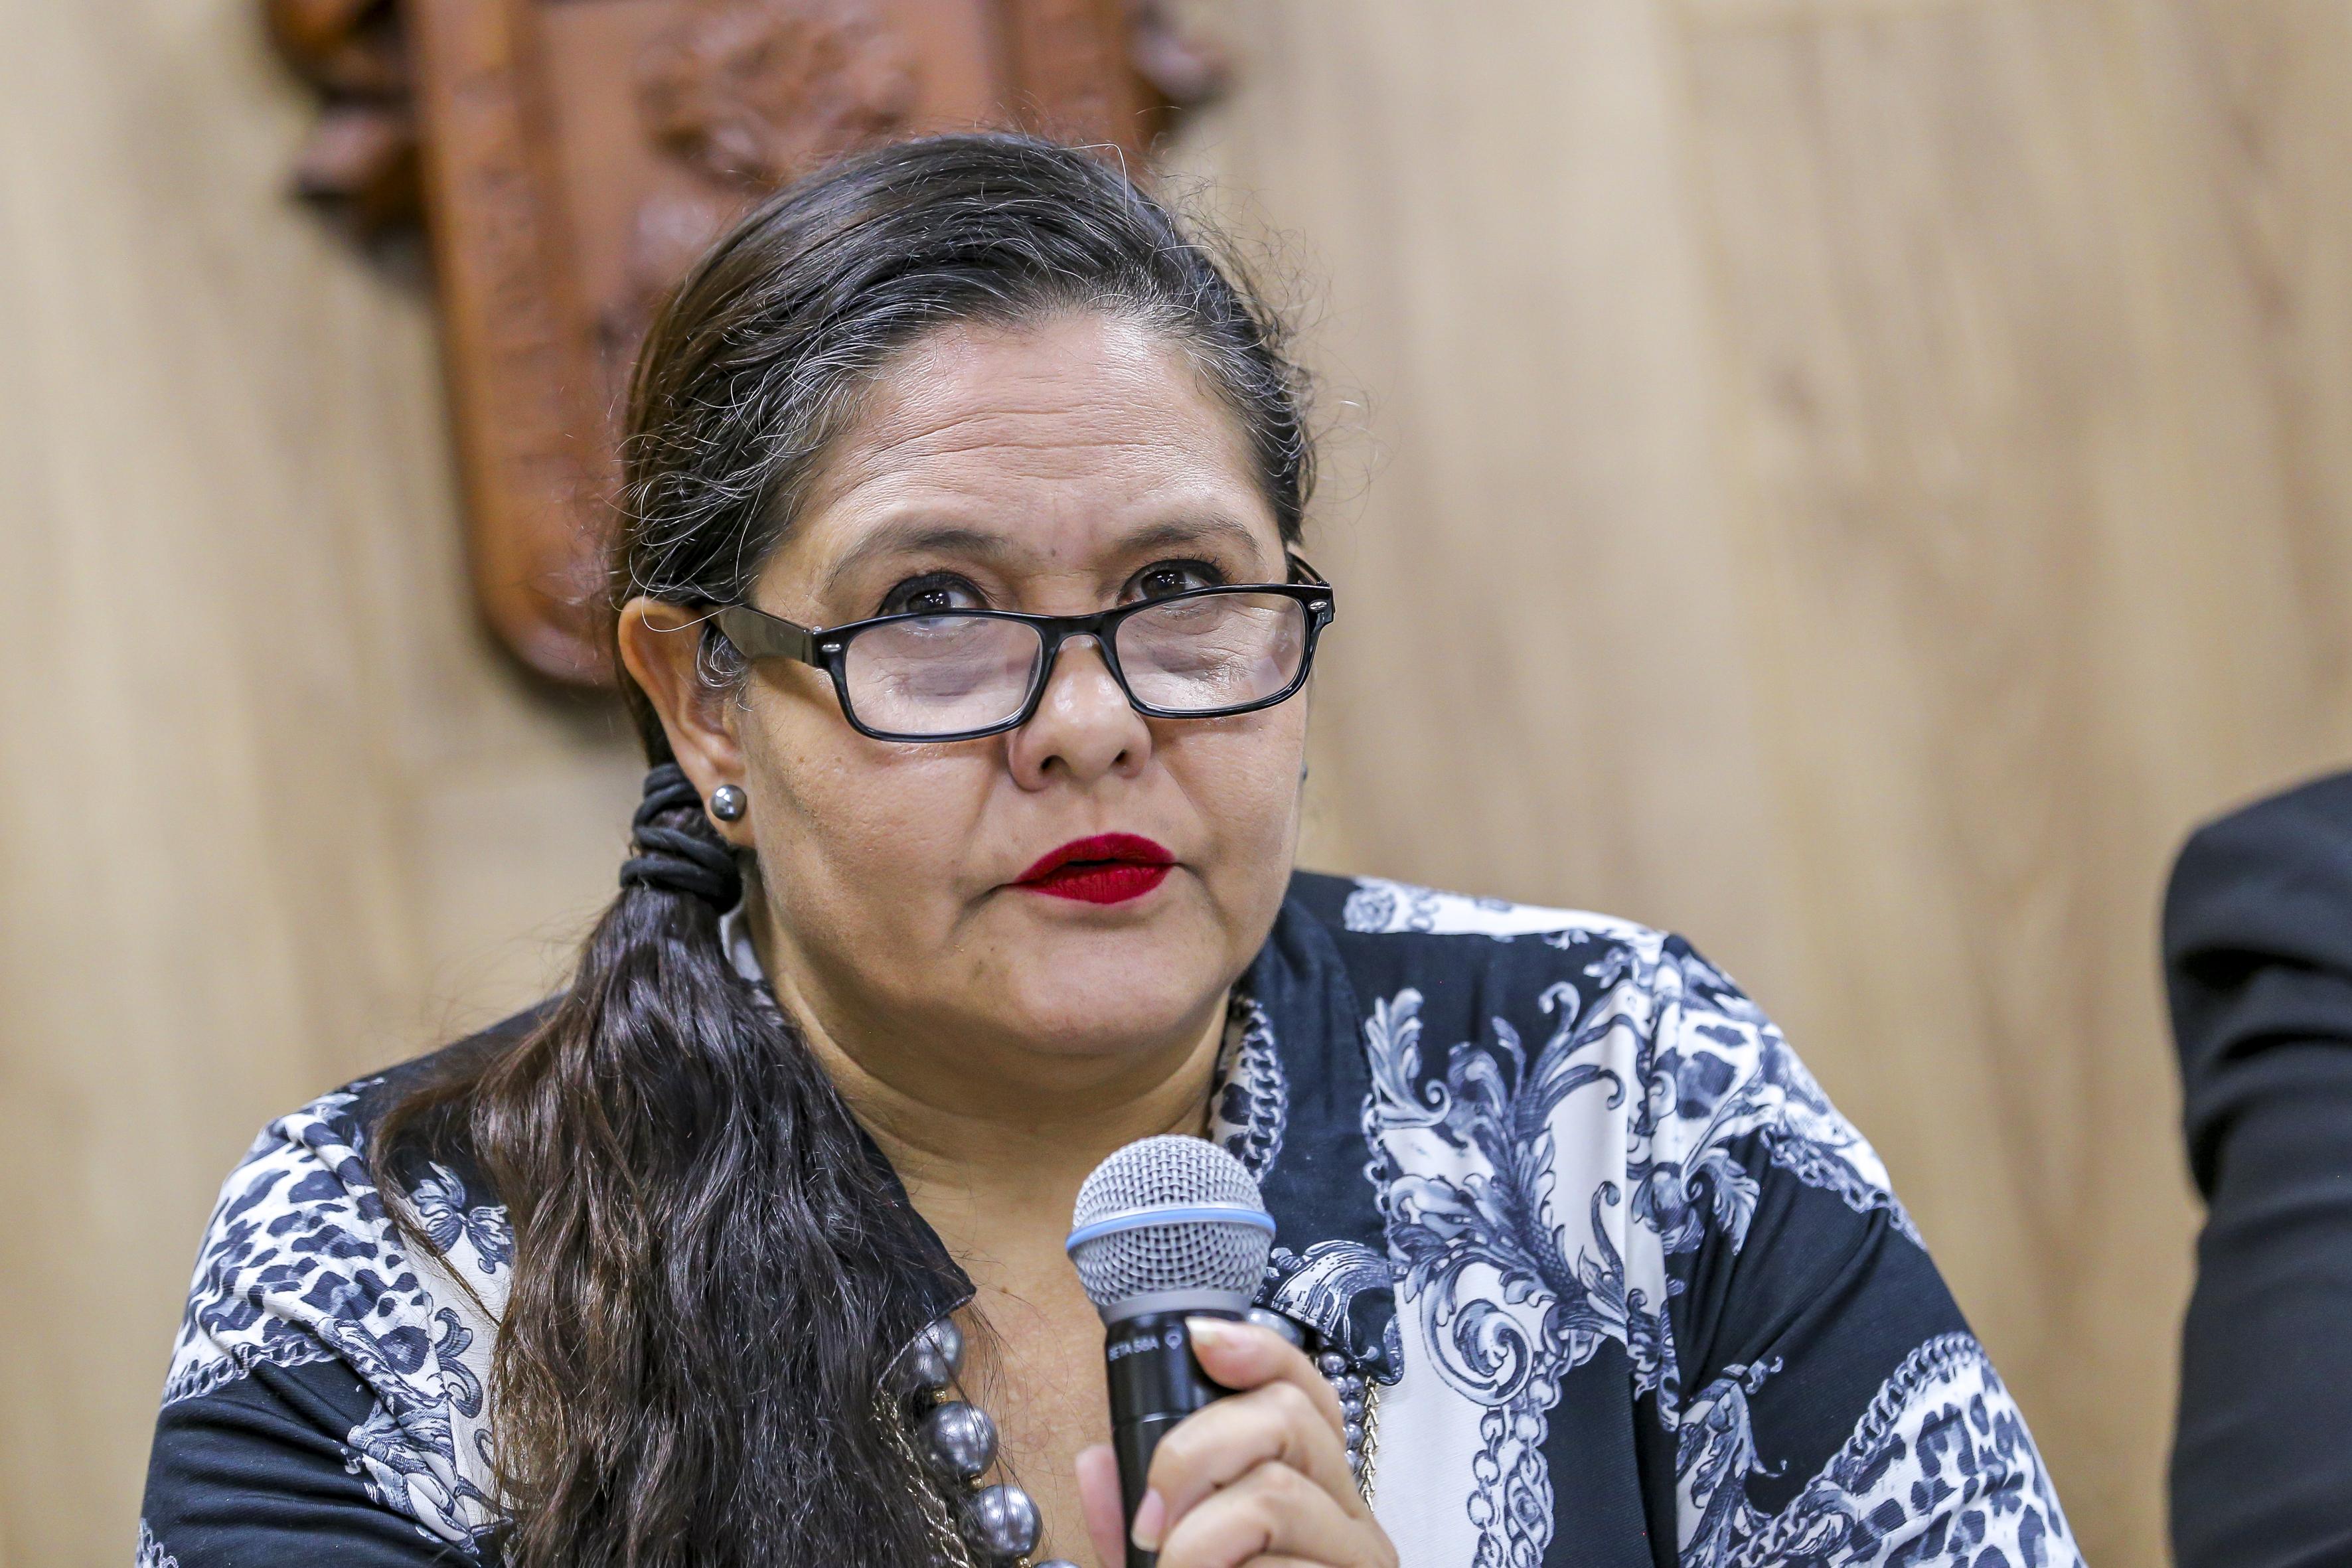 Mtra. Caty Pérez al micrófono